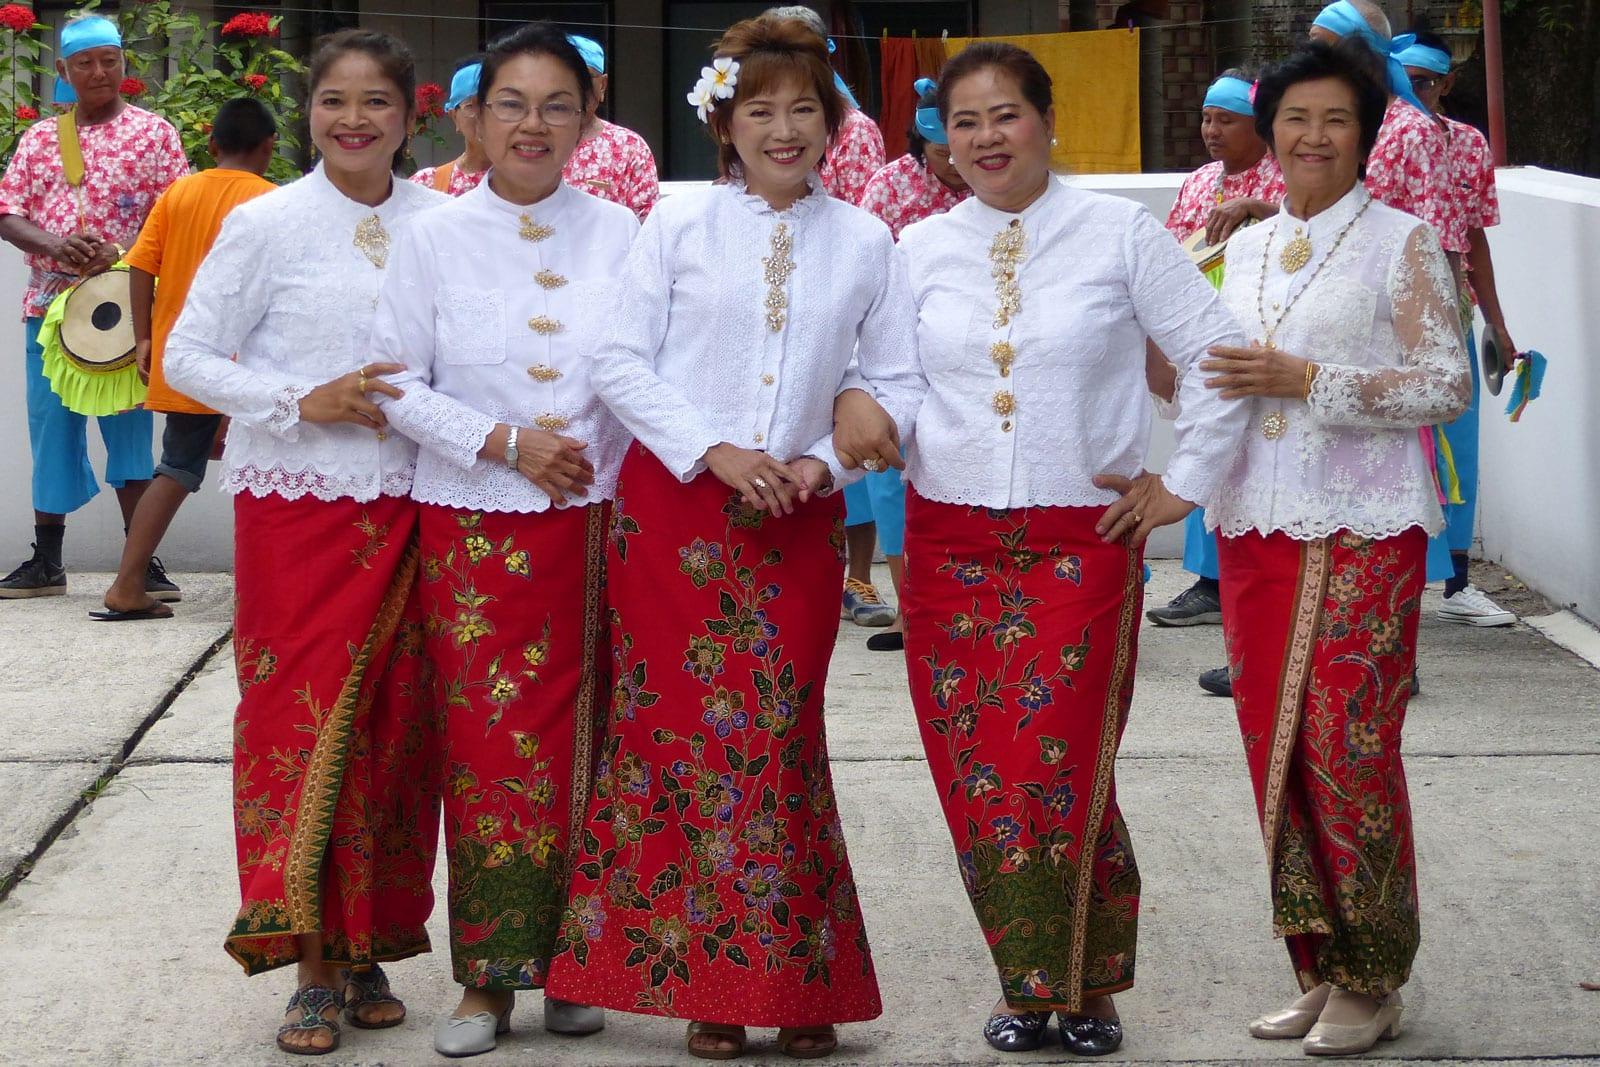 Traditionelle Tänzerinnen begleiten die Mönchsweihe